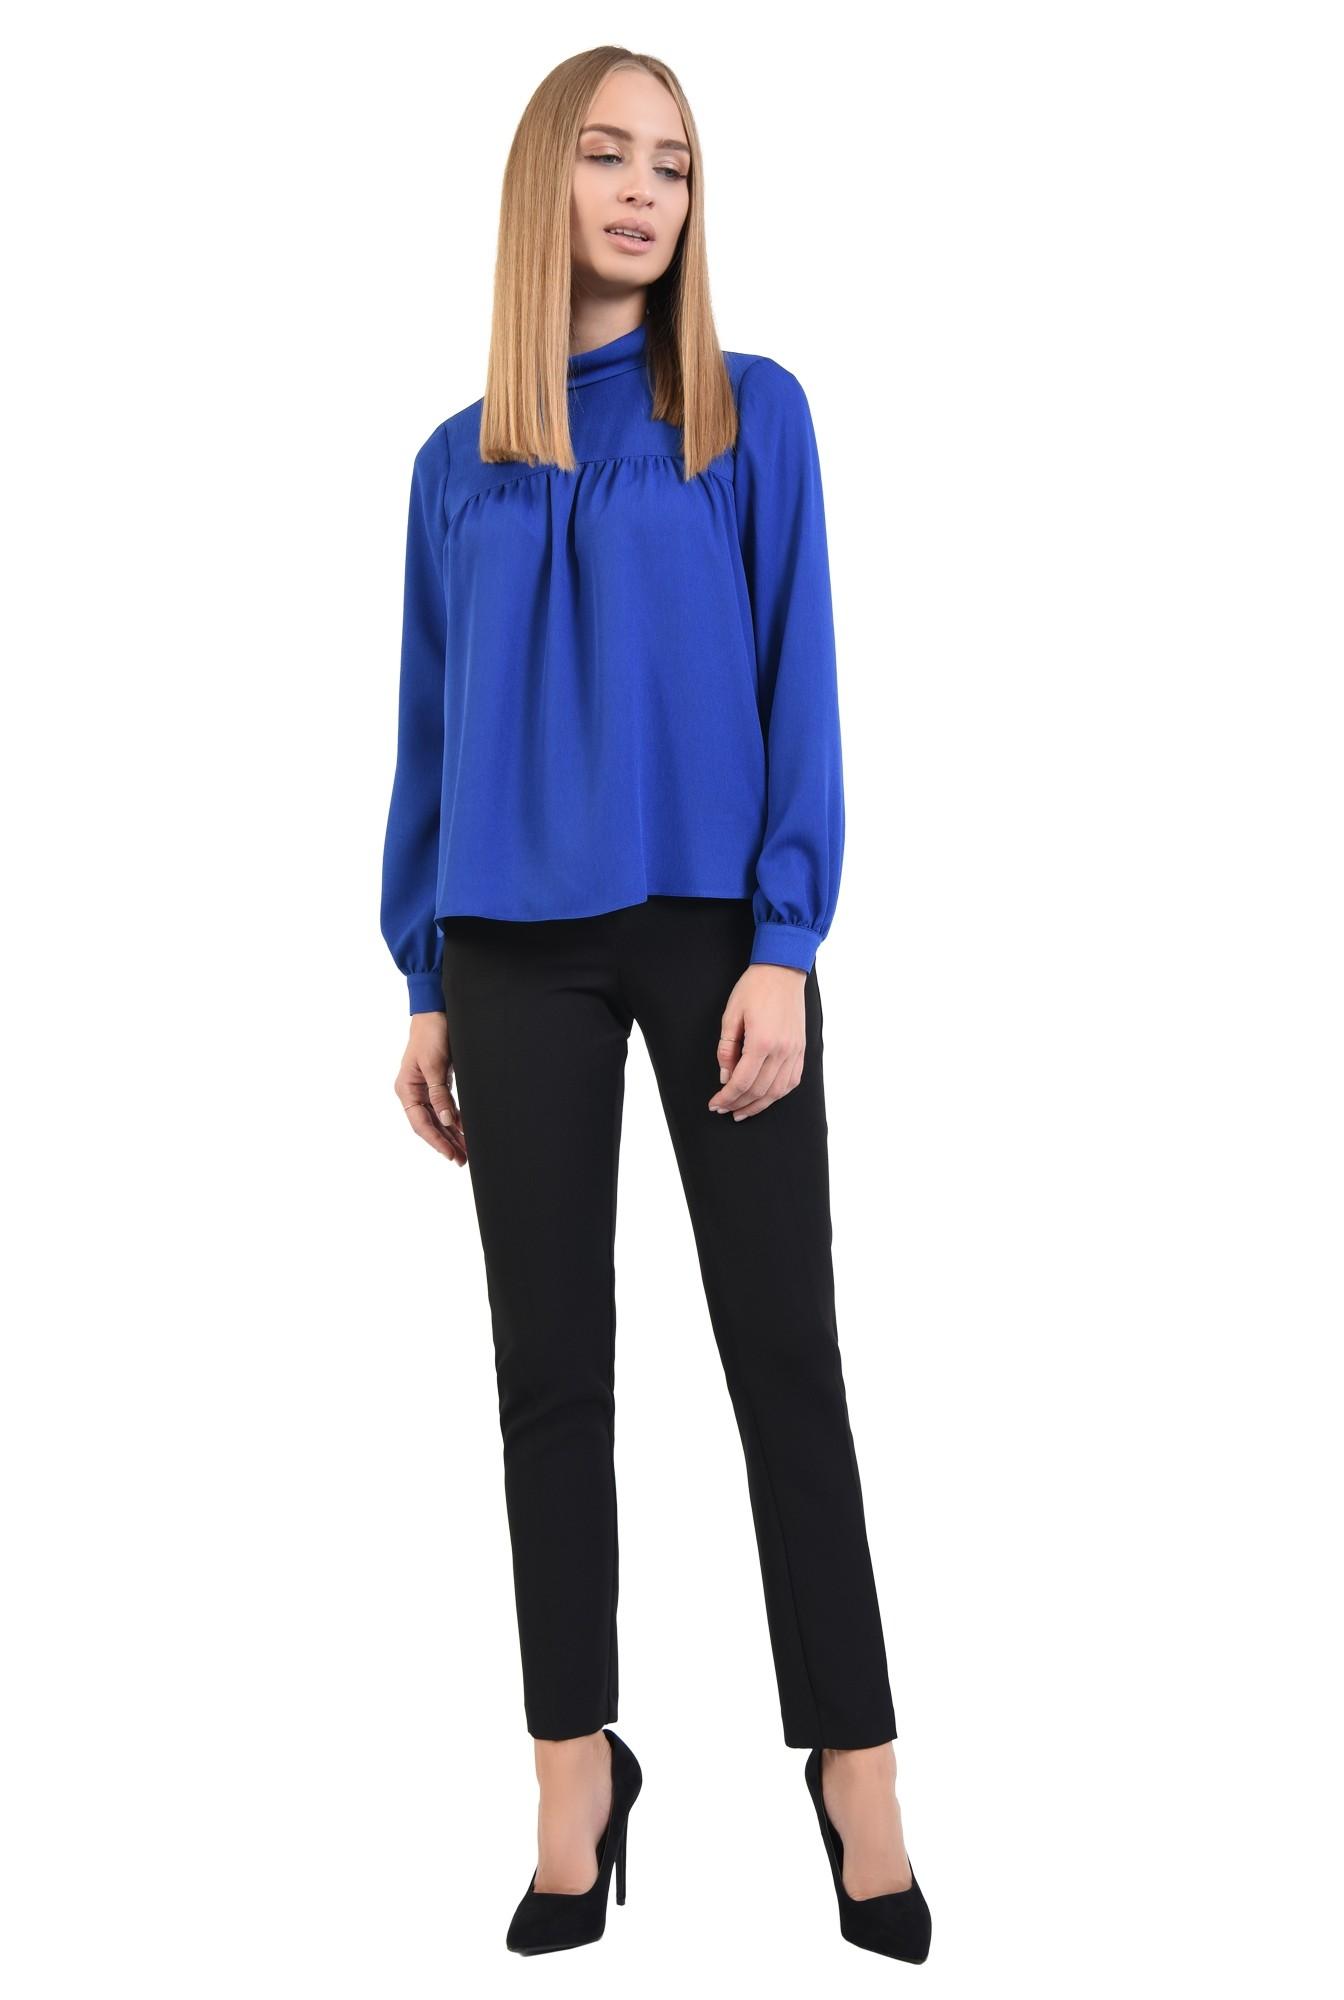 3 - 360 - bluza albastra, croi lejer, maneci lungi